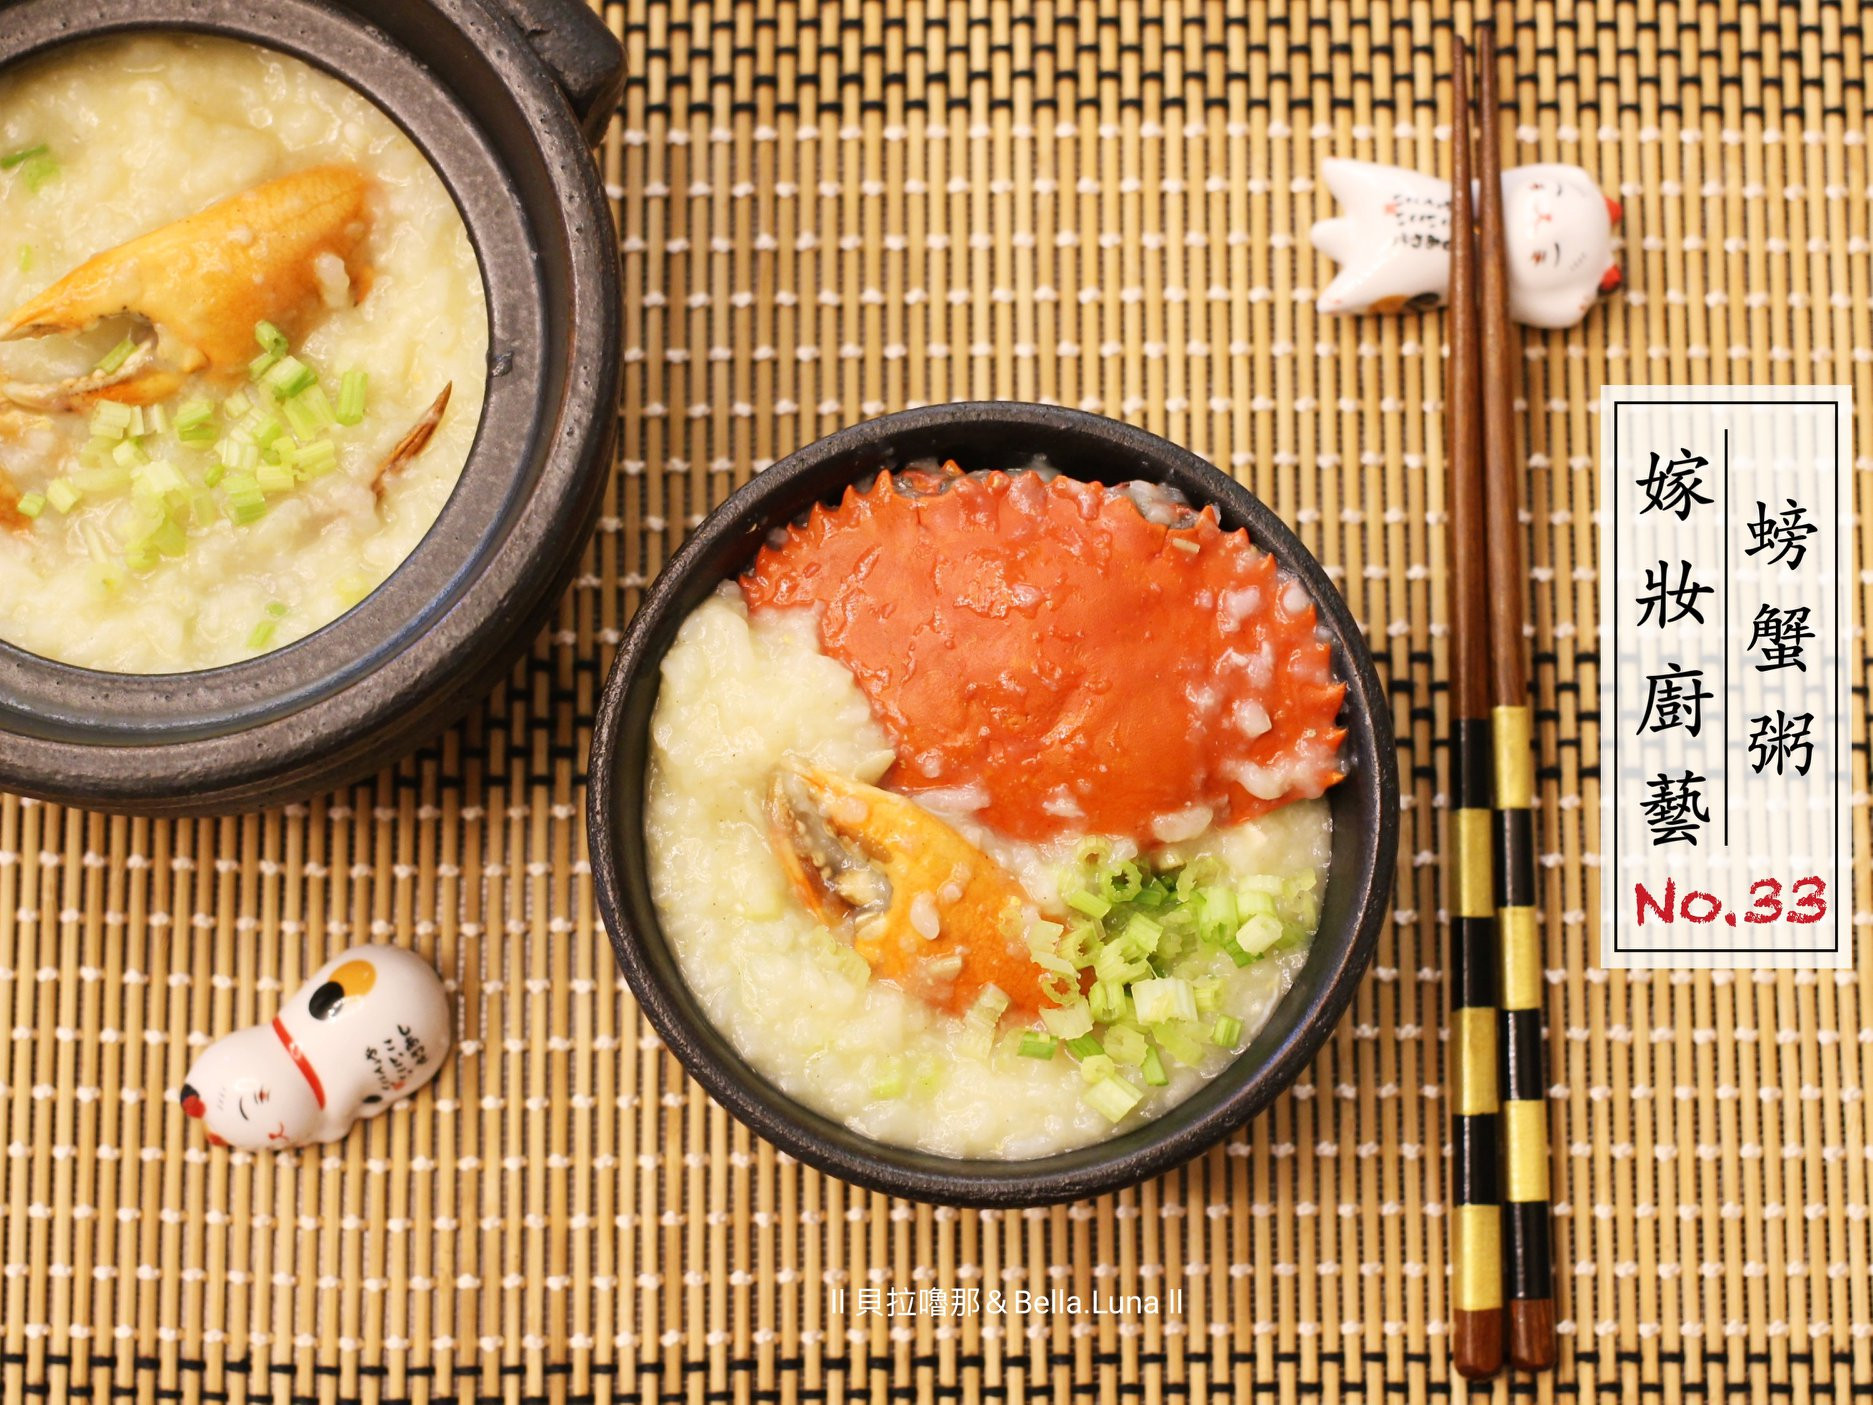 螃蟹粥 - 秋季溫暖濃郁蟹粥